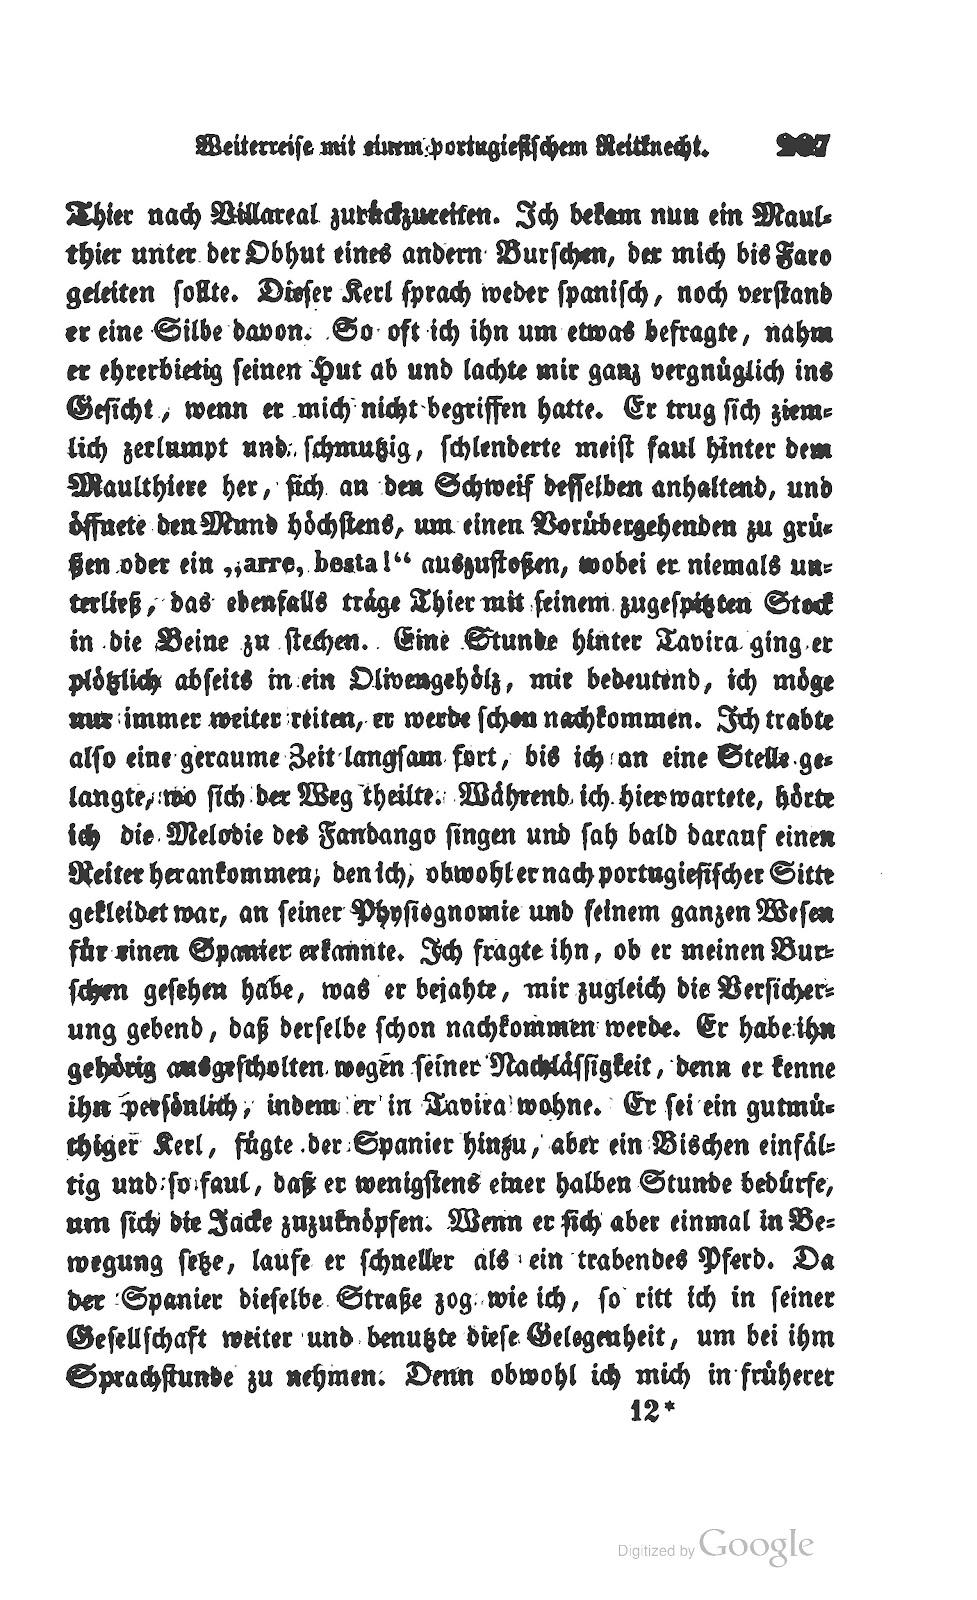 WIllkomm - 10. Kapitel Pages from Zwei_Jahre_in_Spanien_und_Portugal(3)_Page_09.jpg